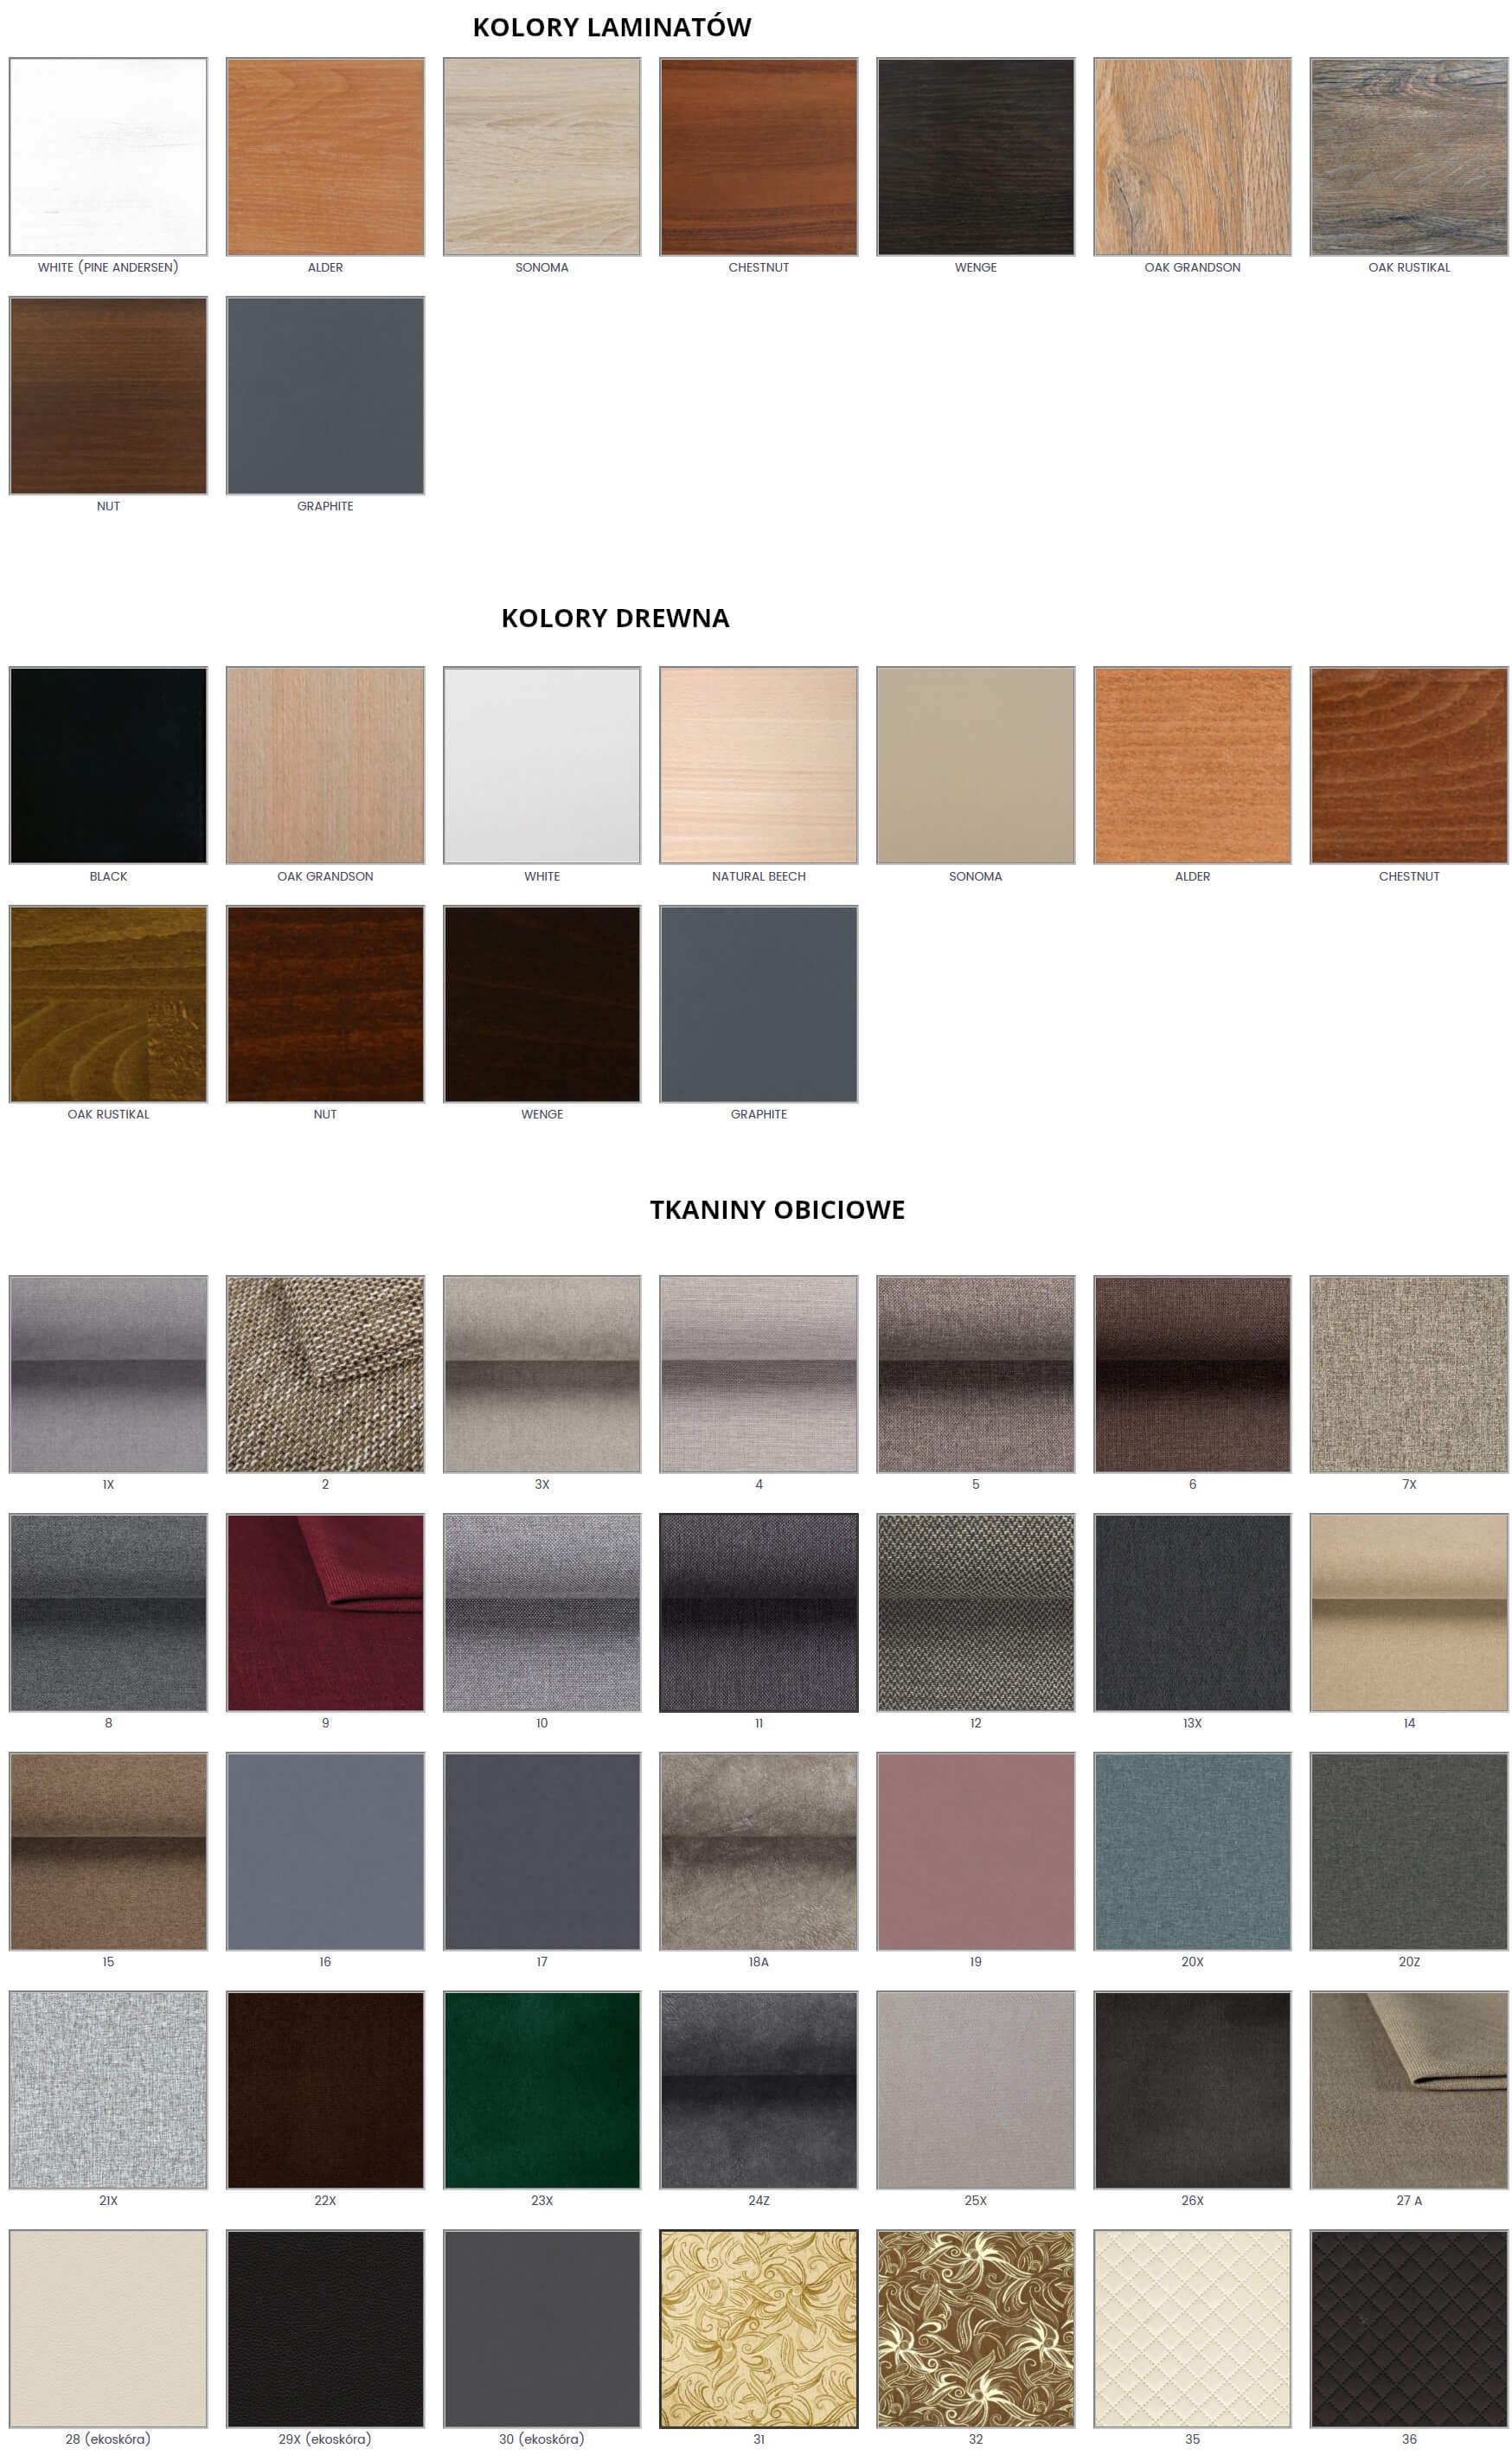 tkaniny i kolory drewna